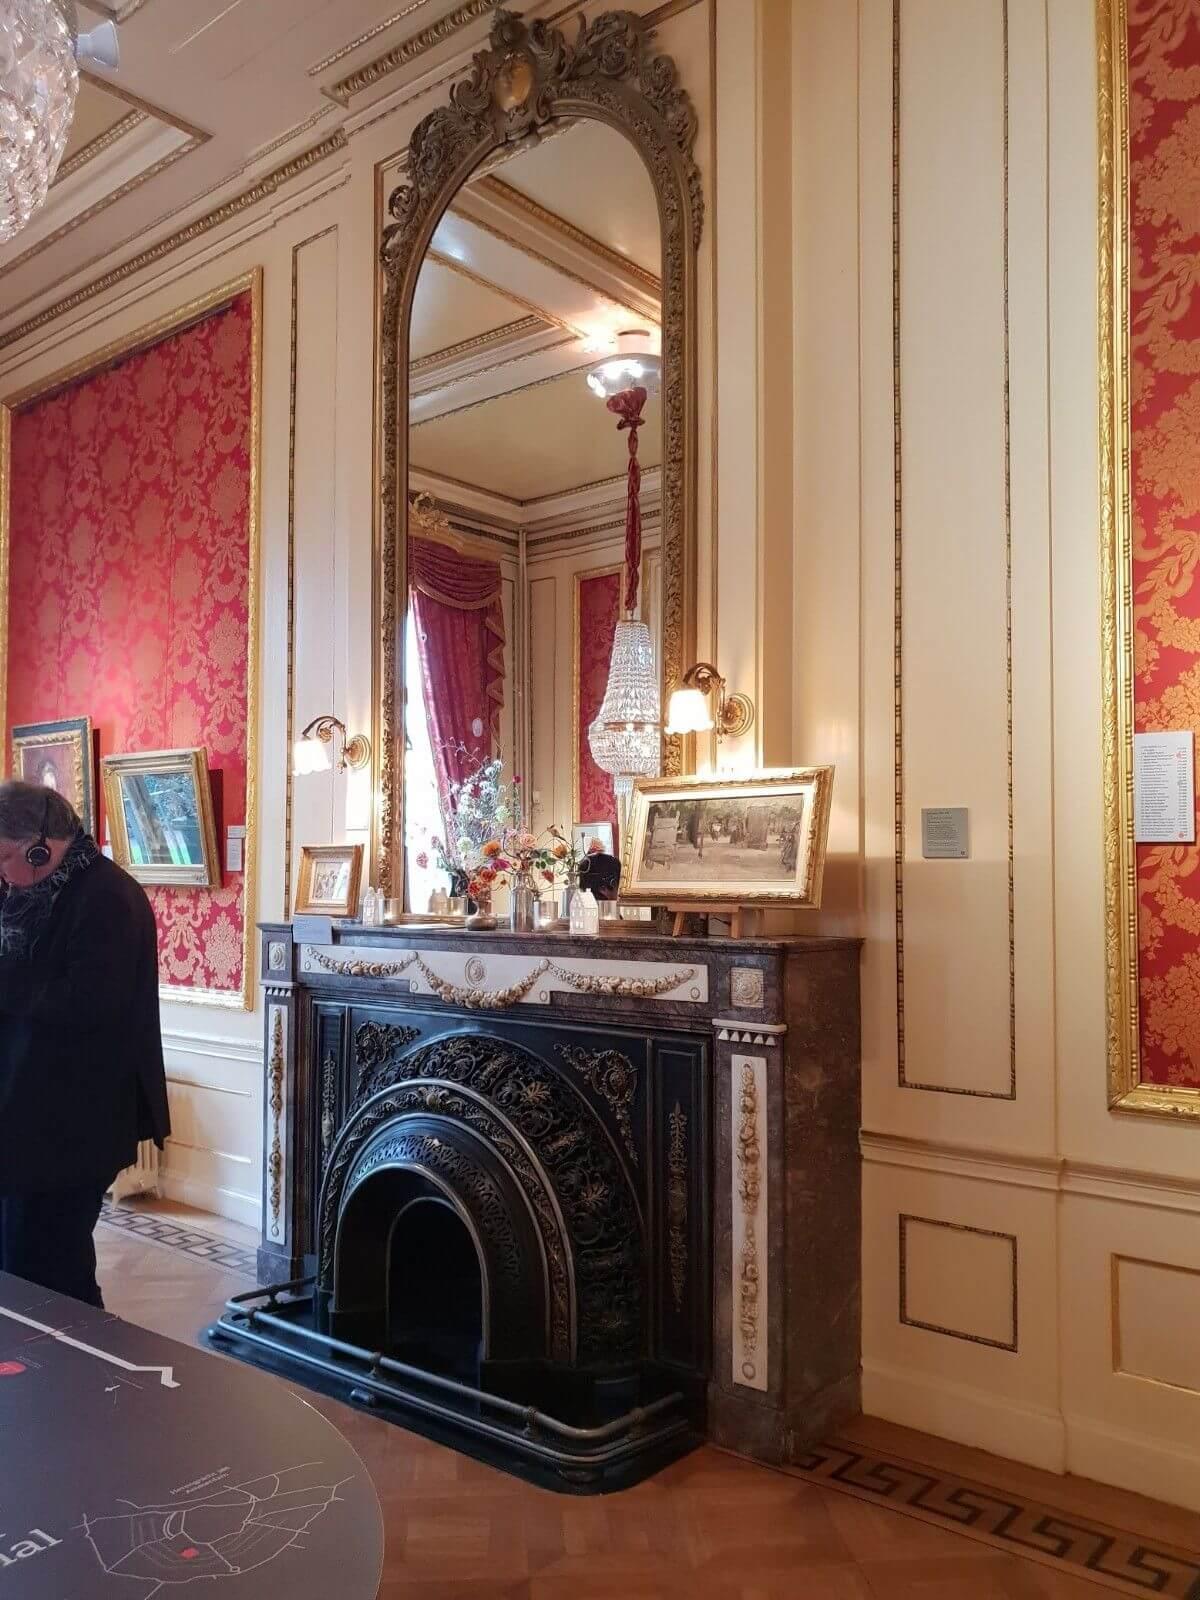 Vintage fireplace in Museum Het Grachtenhuis